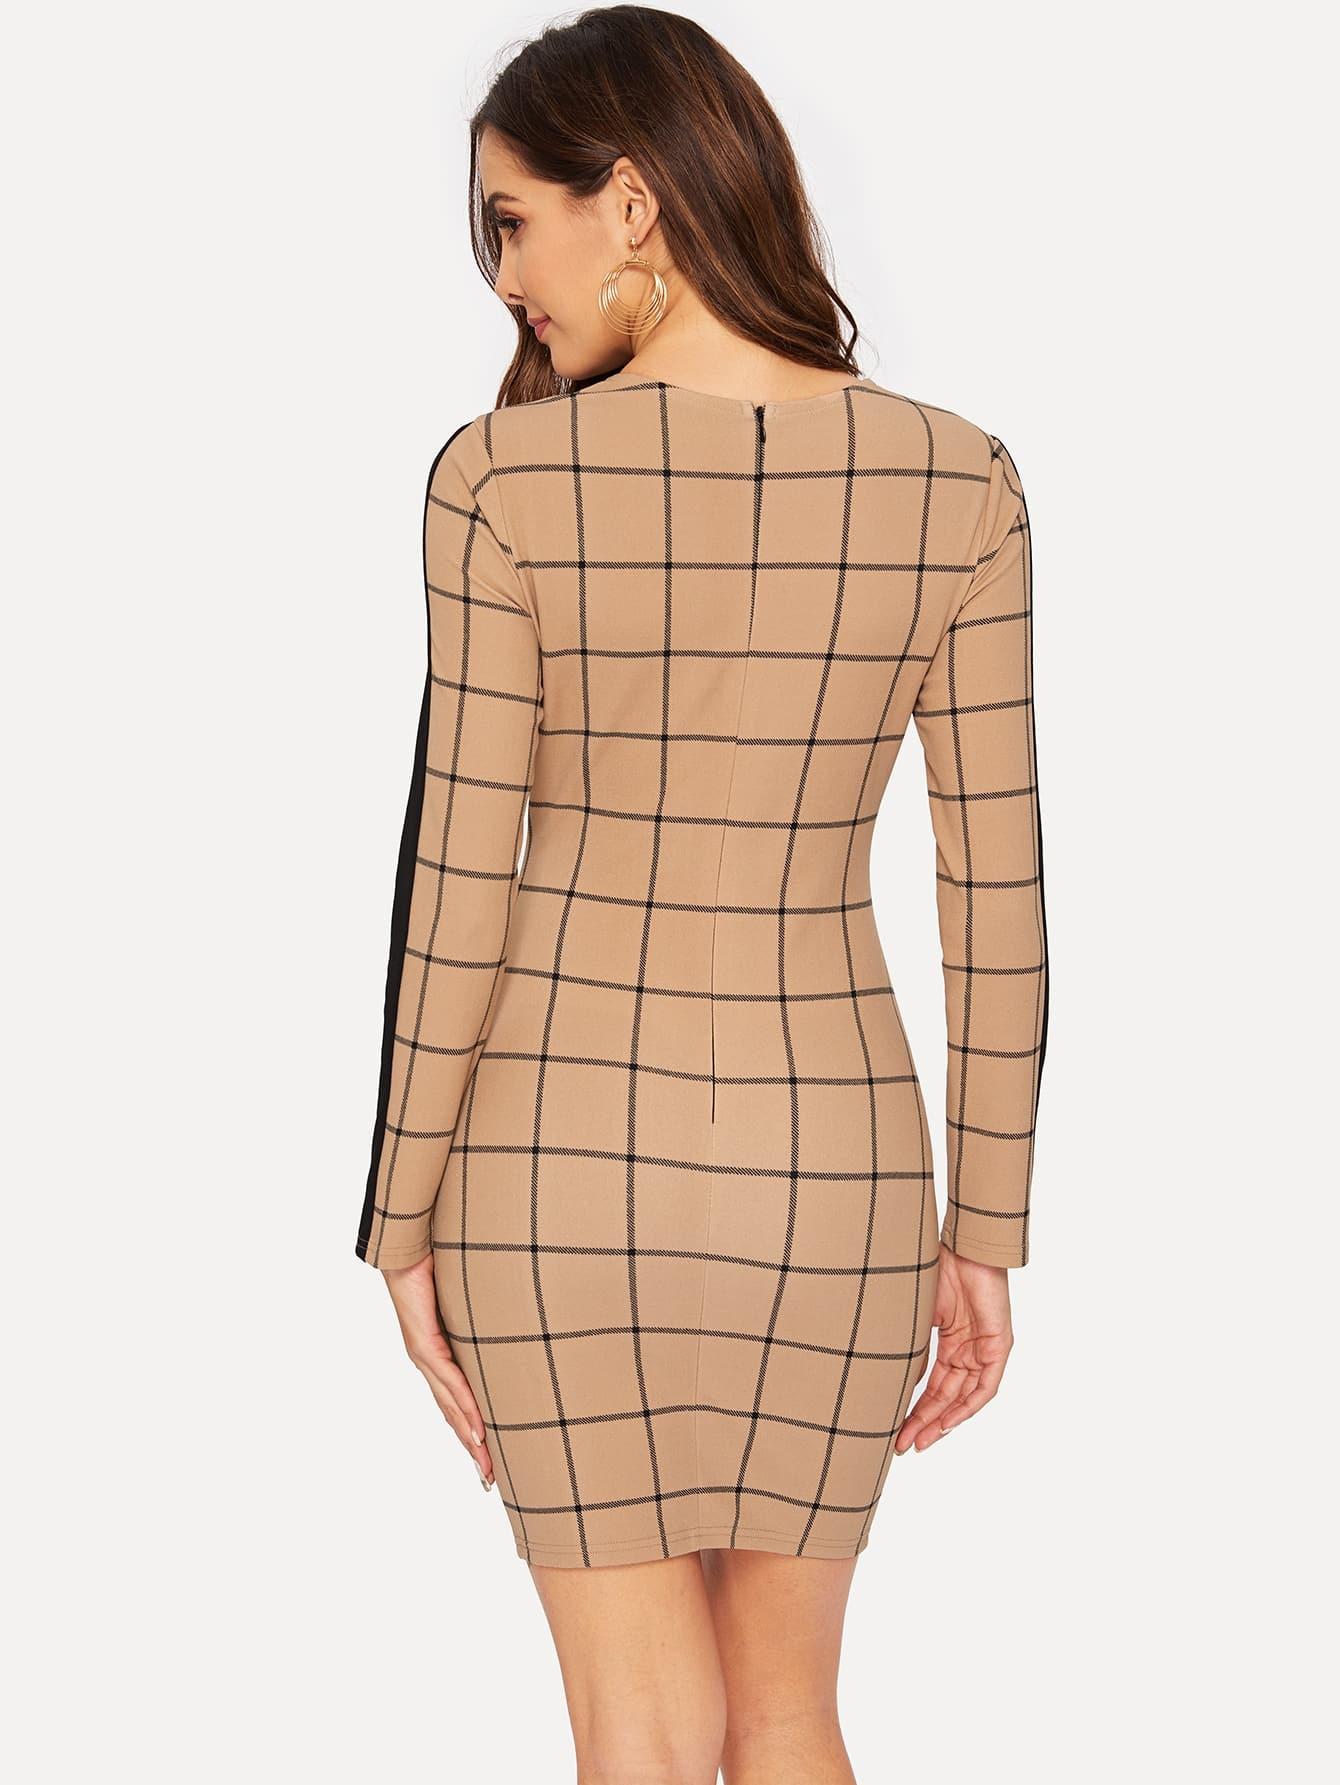 Bleistift Kleid Mit Reißverschluss Hinten  Shein